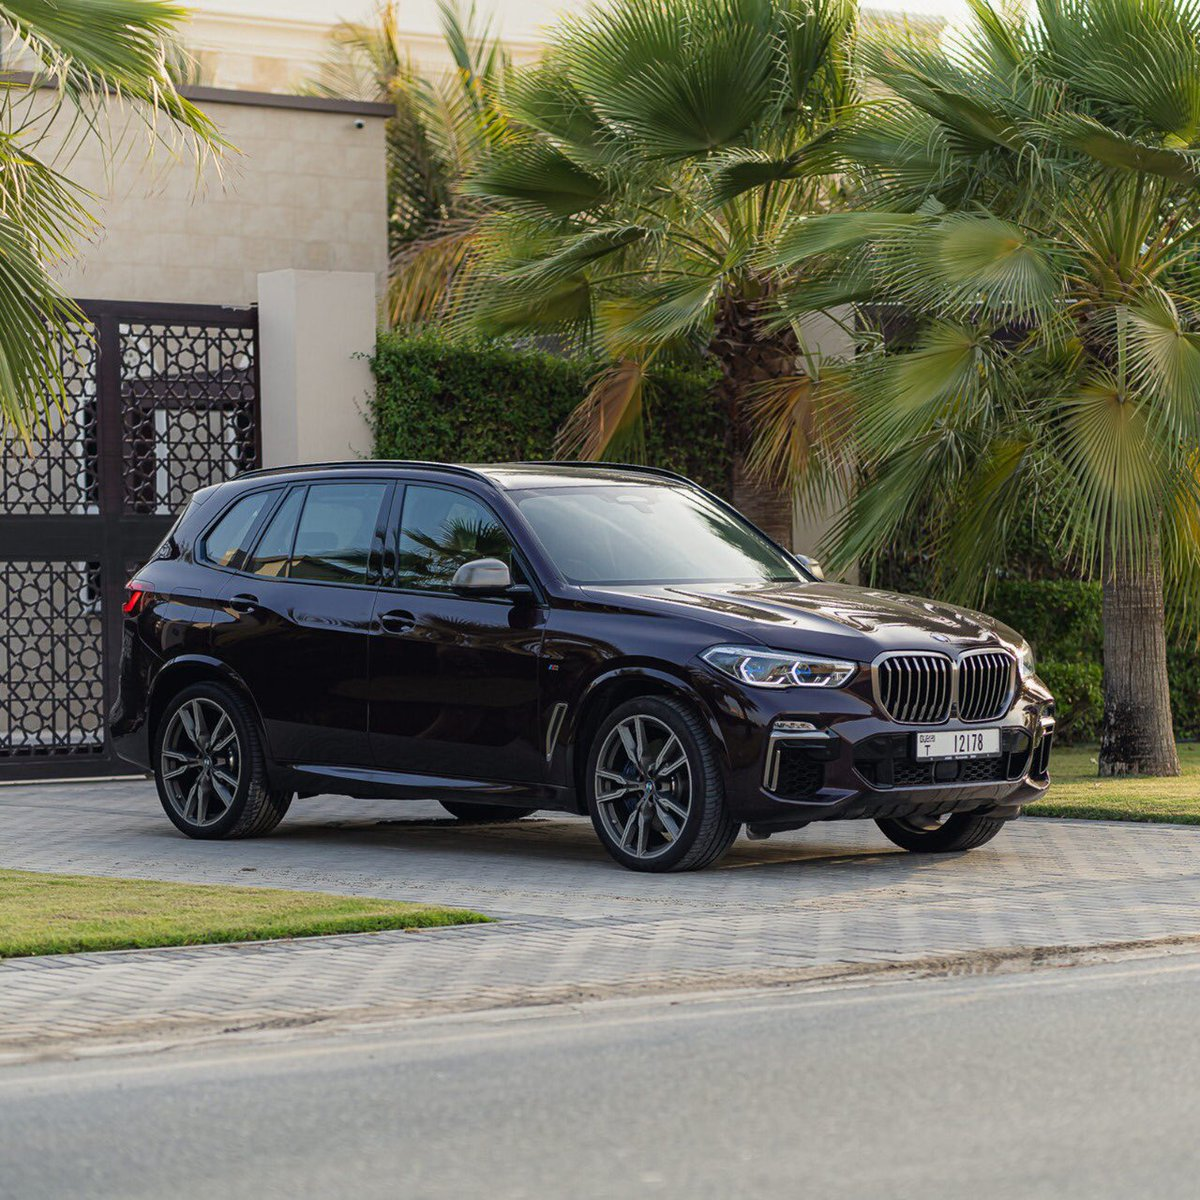 سيارة X5. الرفيق الأمثل للاكتشاف.   #BMWX5 #BMWAGMC https://t.co/EnTgwPagce